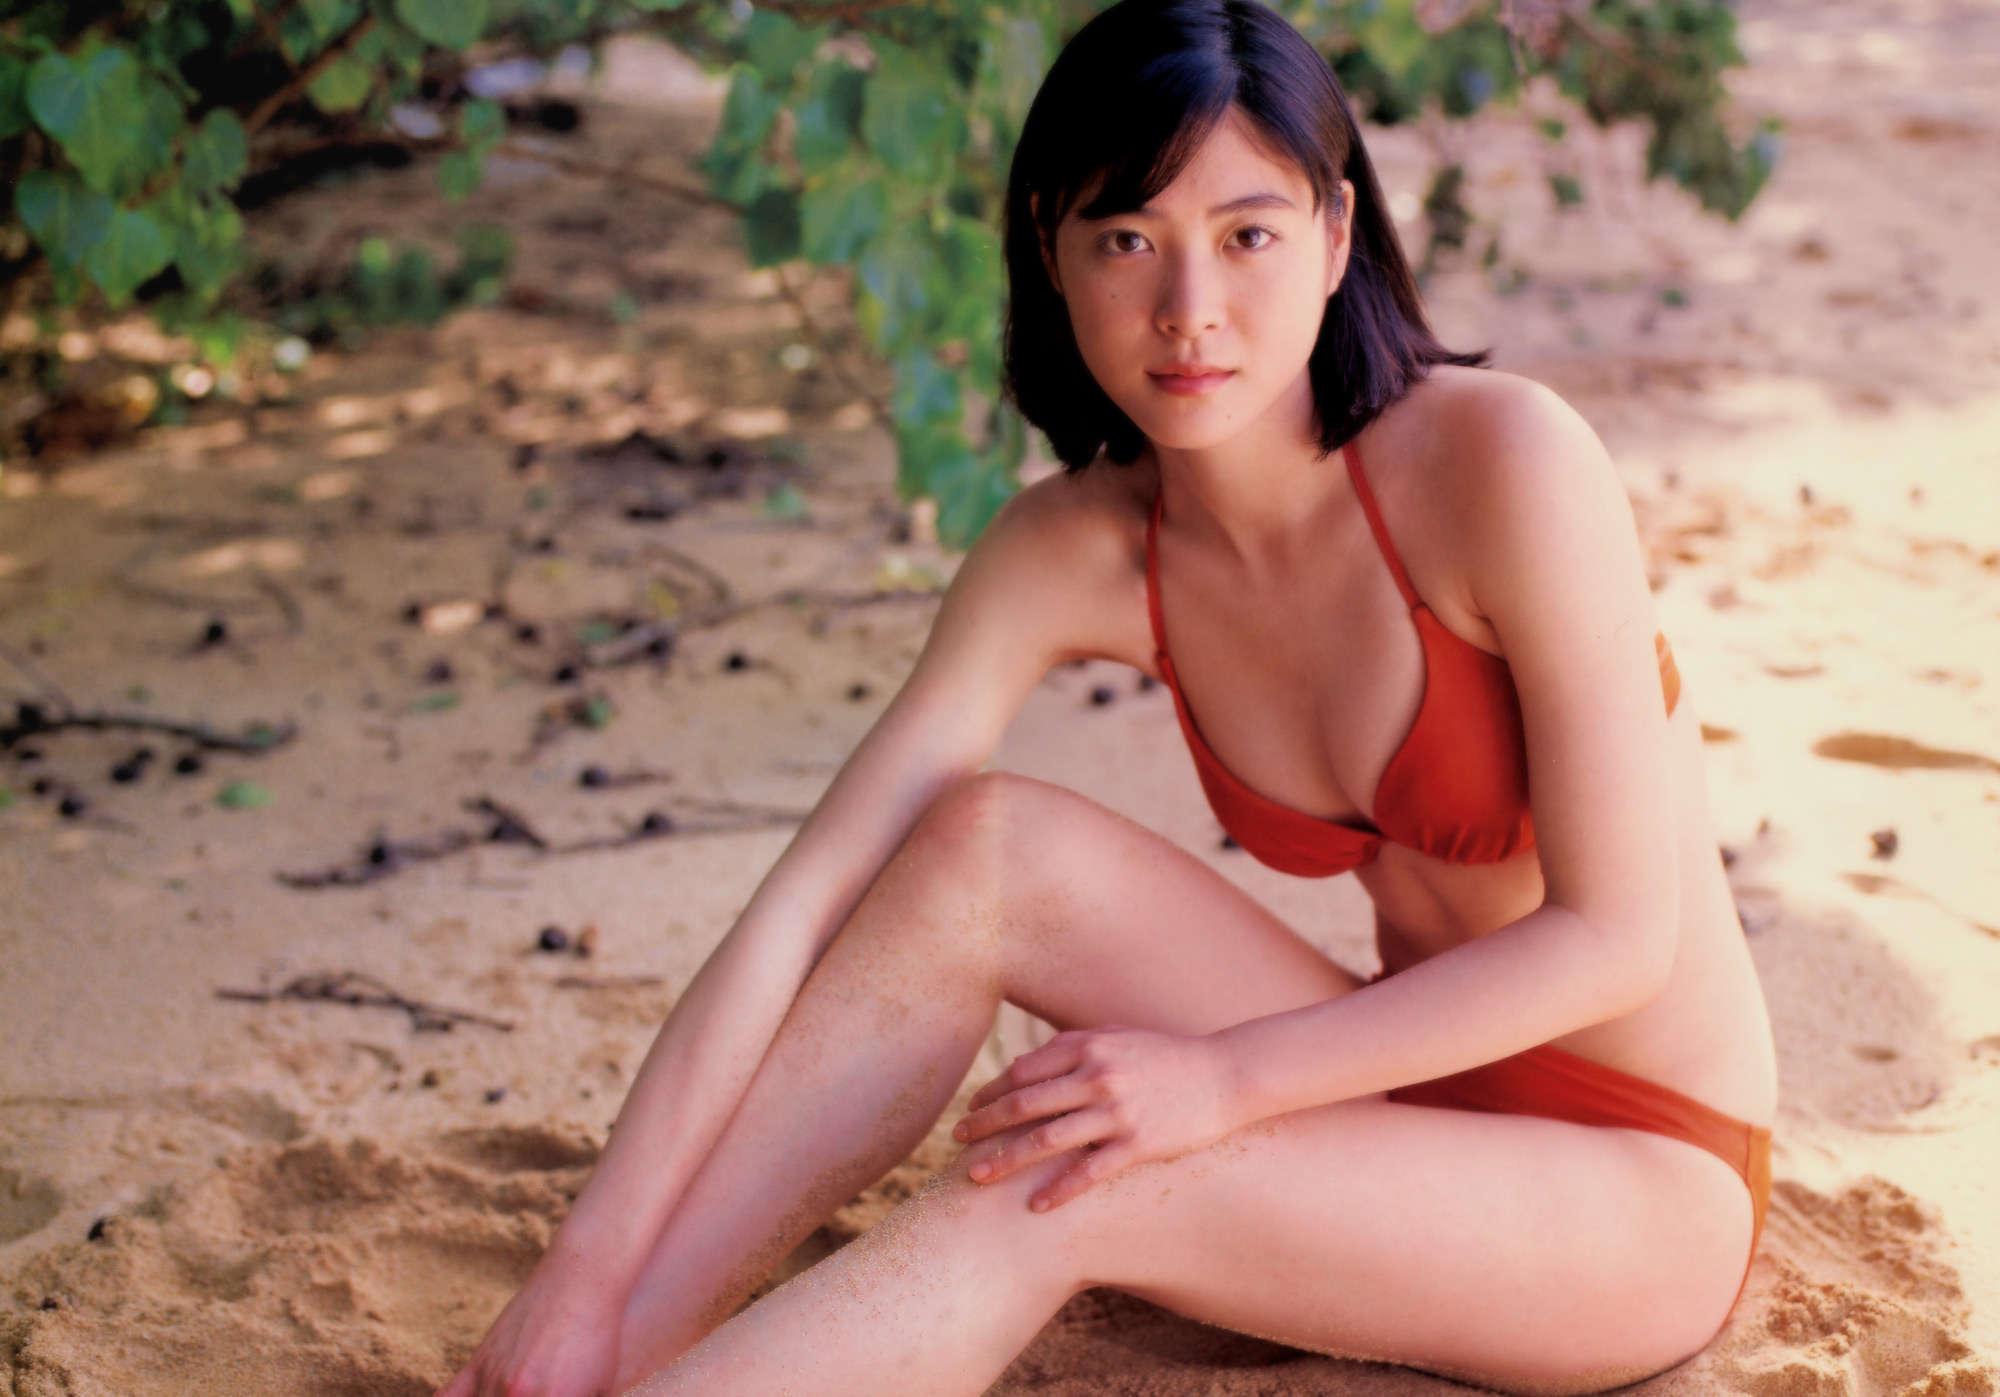 砂浜に座る上野樹里